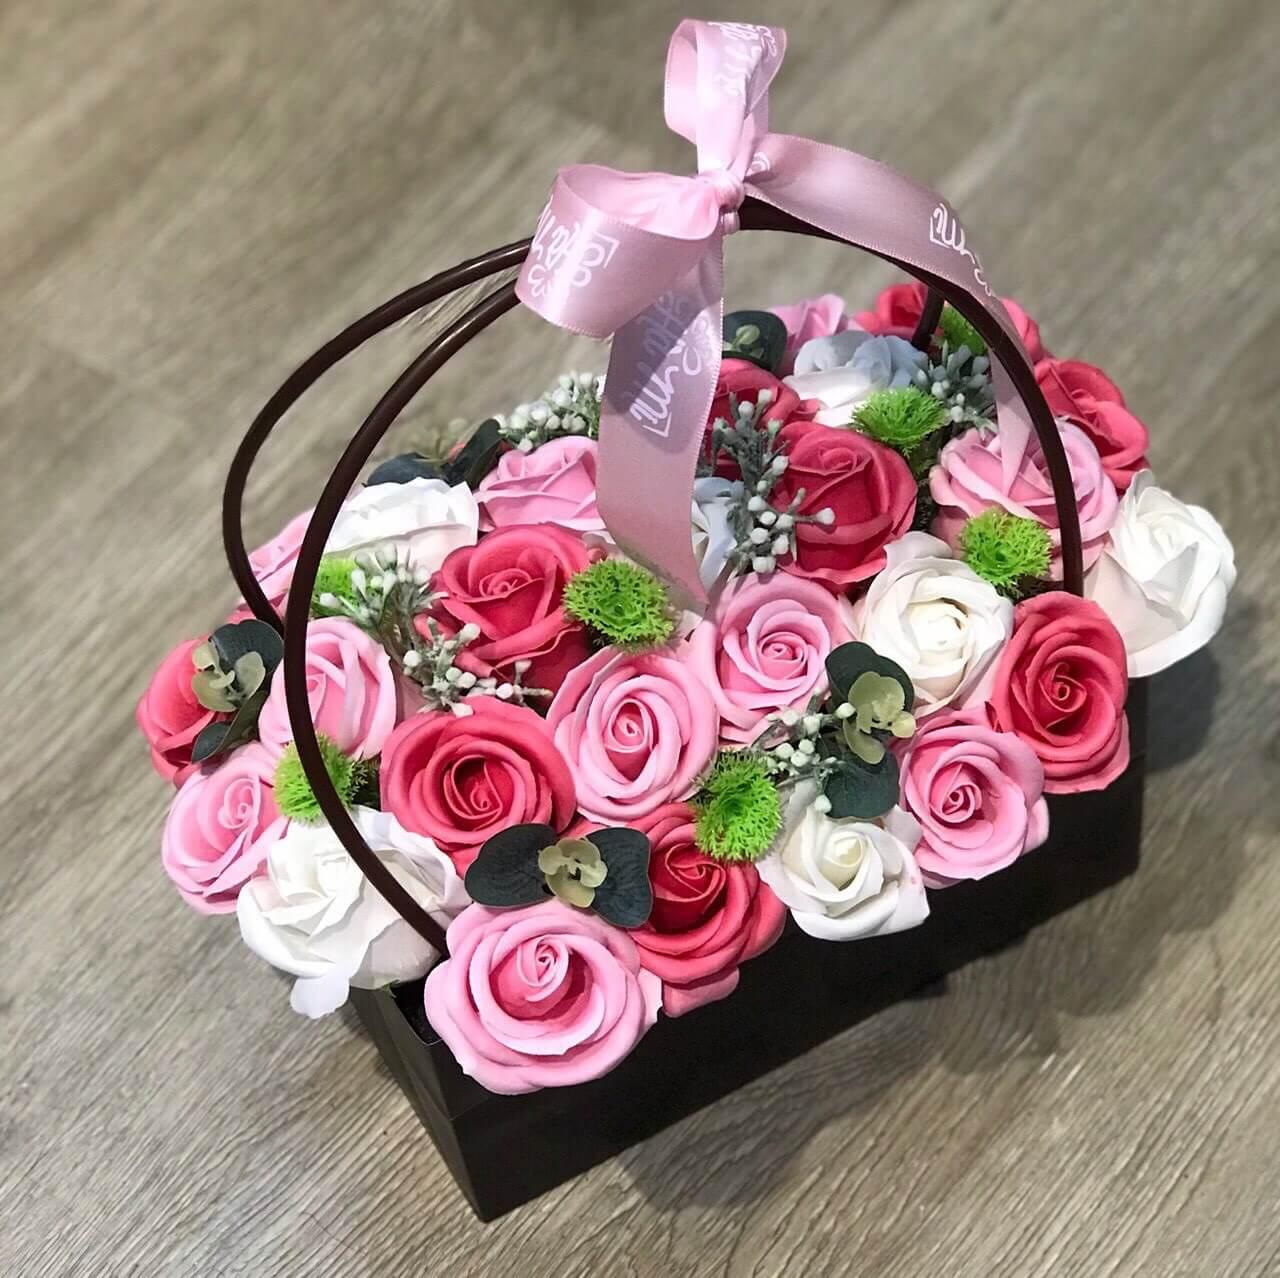 Hoa hồng lẵng 28 bông